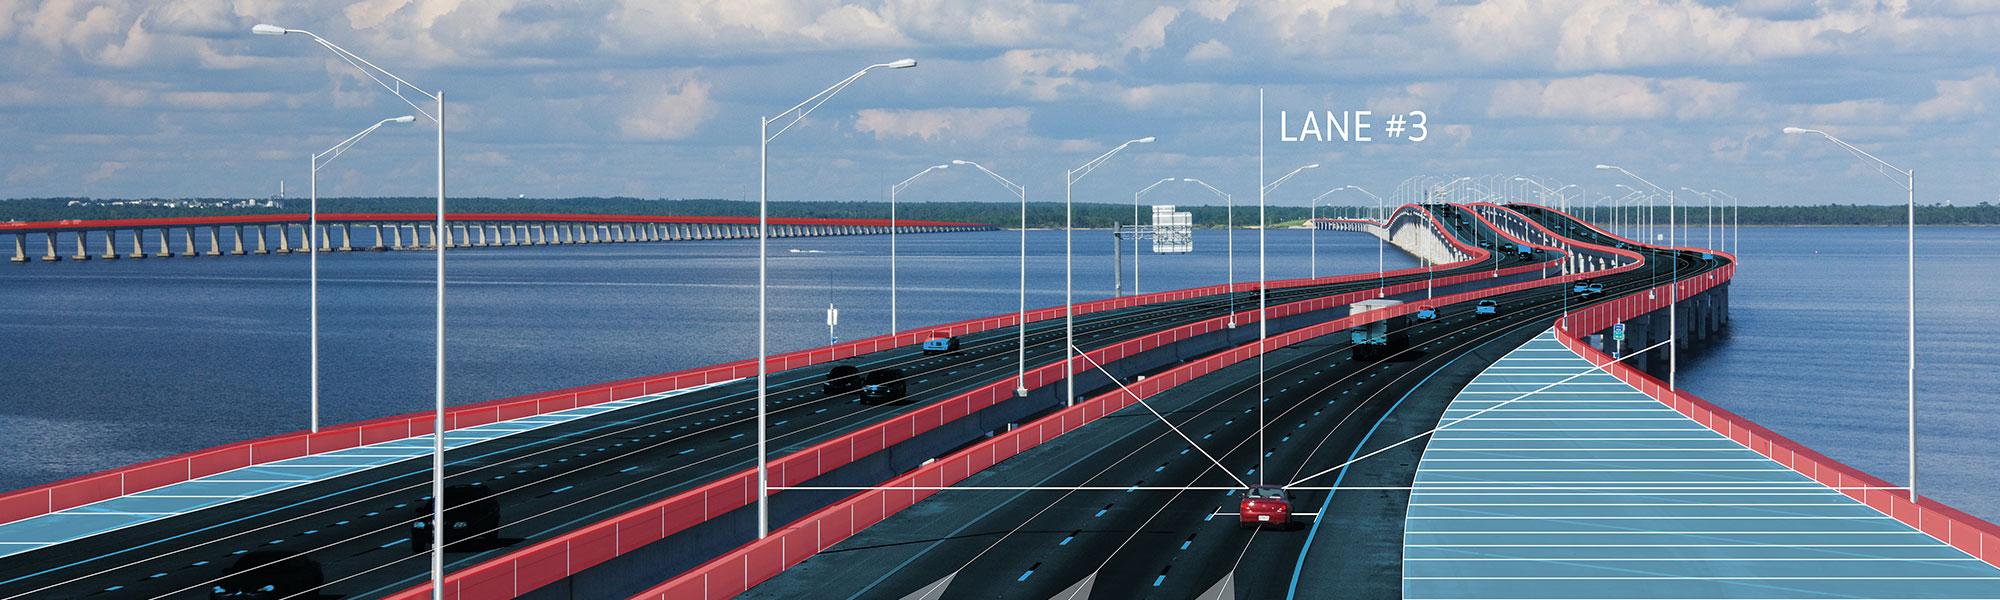 How do HD maps extend the vision of autonomous vehicles?